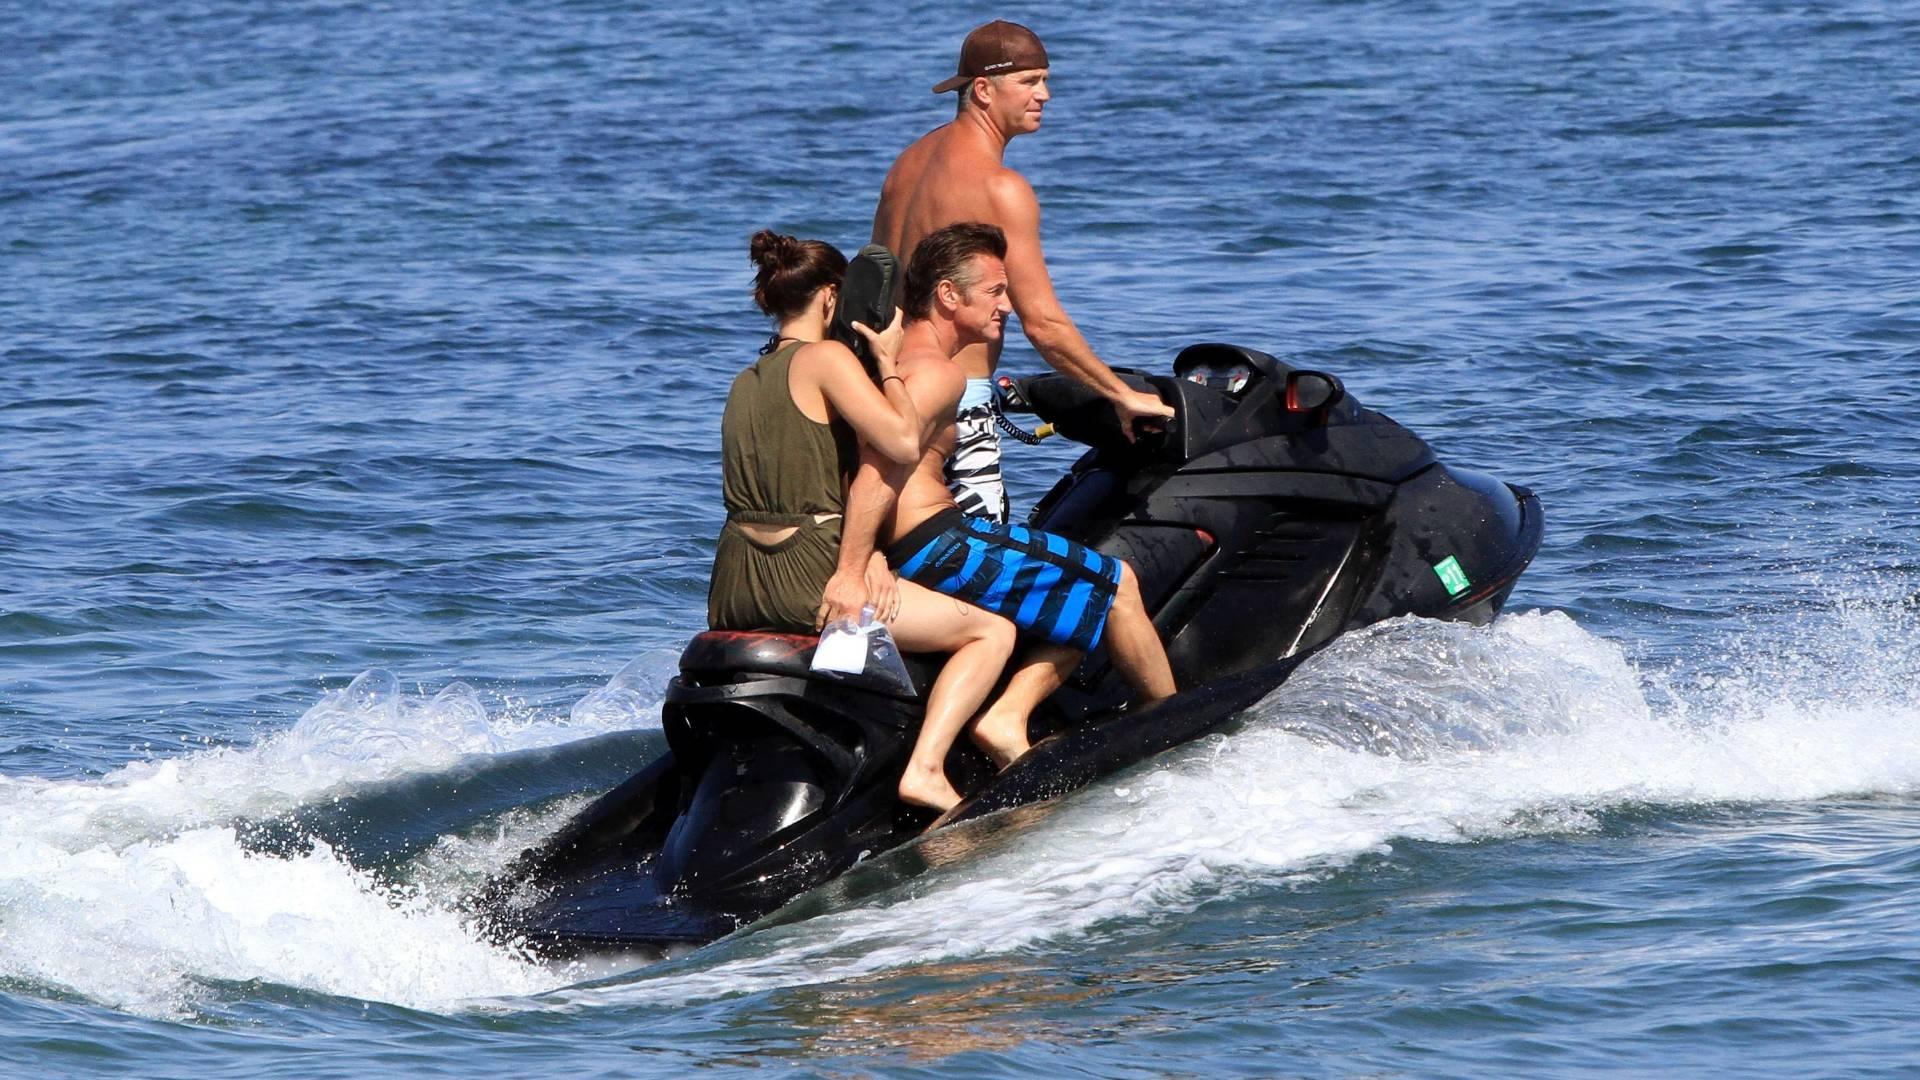 Sean Penn é fotografado com nova namorada durante passeio de jet ski em praia de Malibu (4/7/2011)